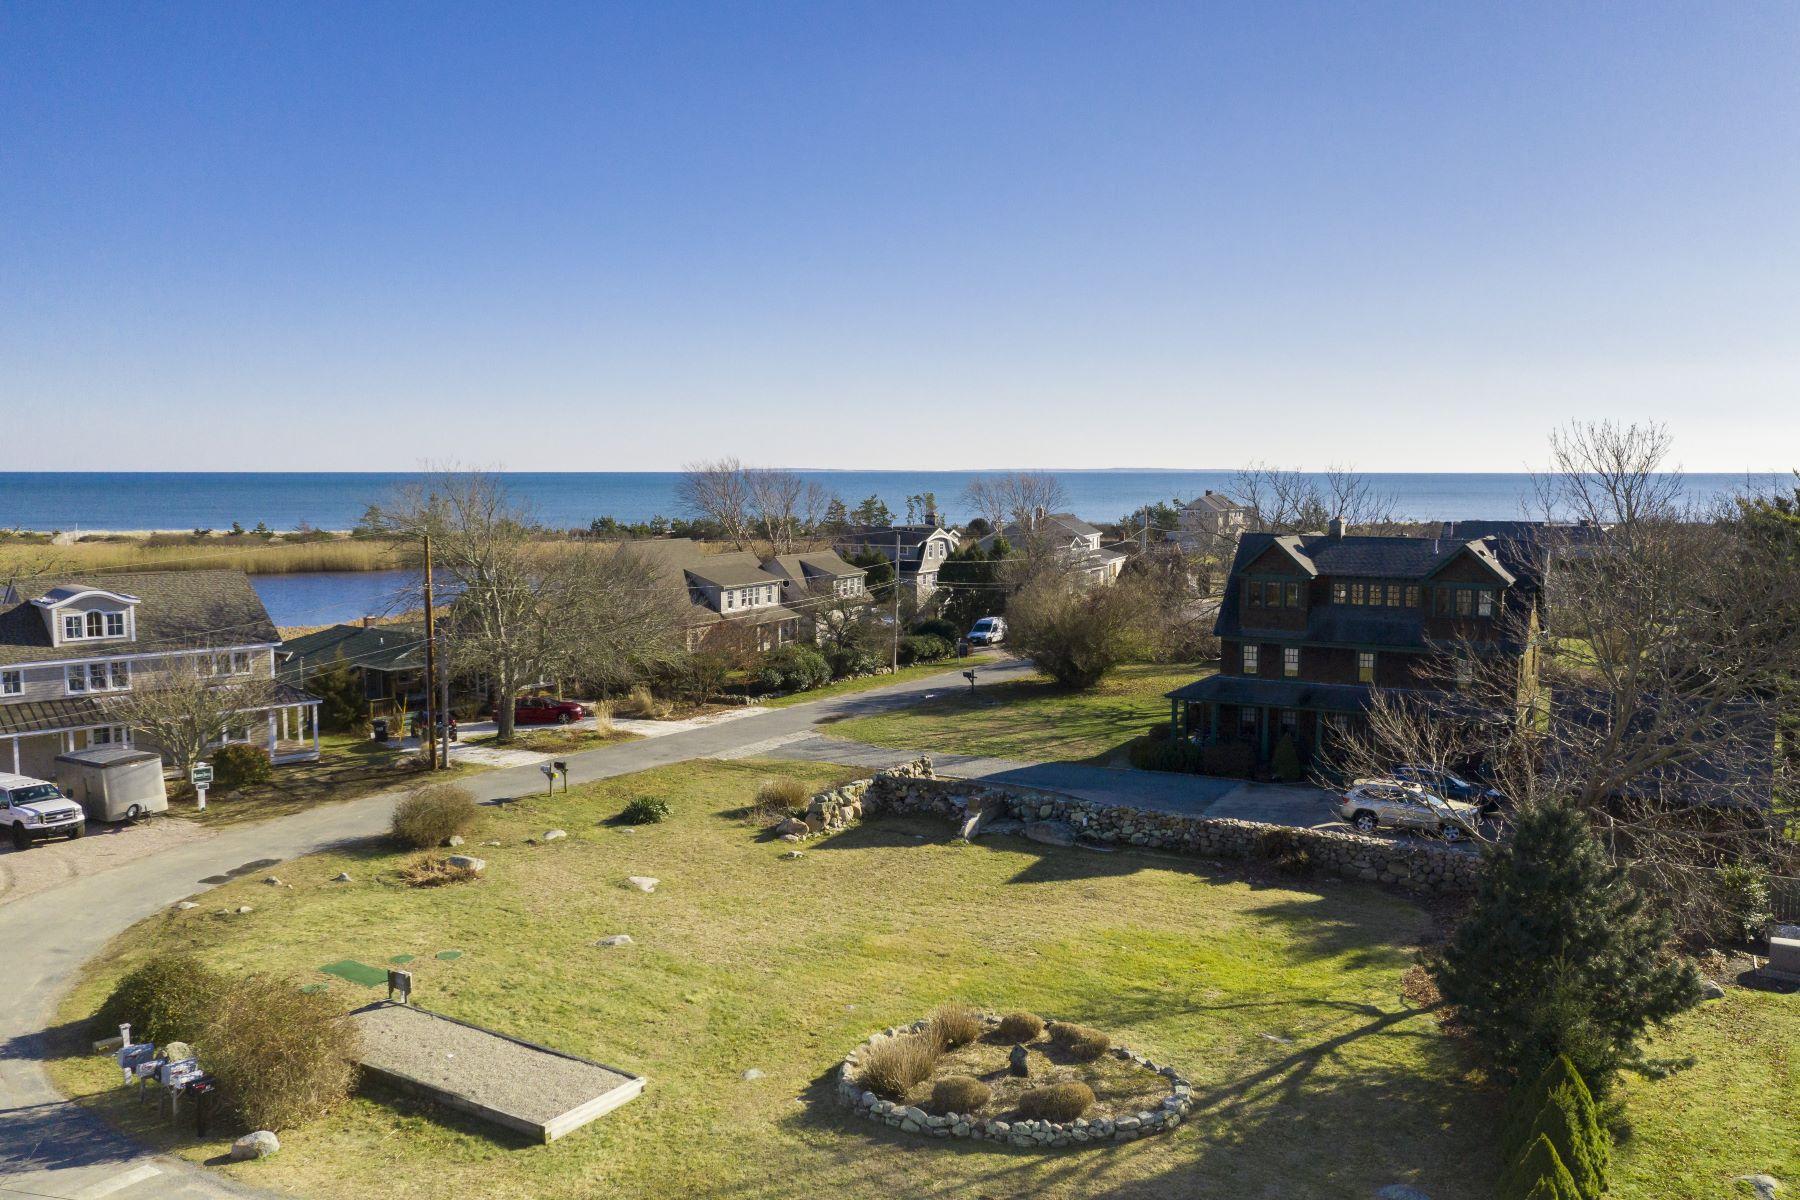 土地,用地 为 销售 在 185 Sea Breeze Drive, Charlestown, RI 185 Sea Breeze Drive 查尔斯顿, 罗得岛 02813 美国